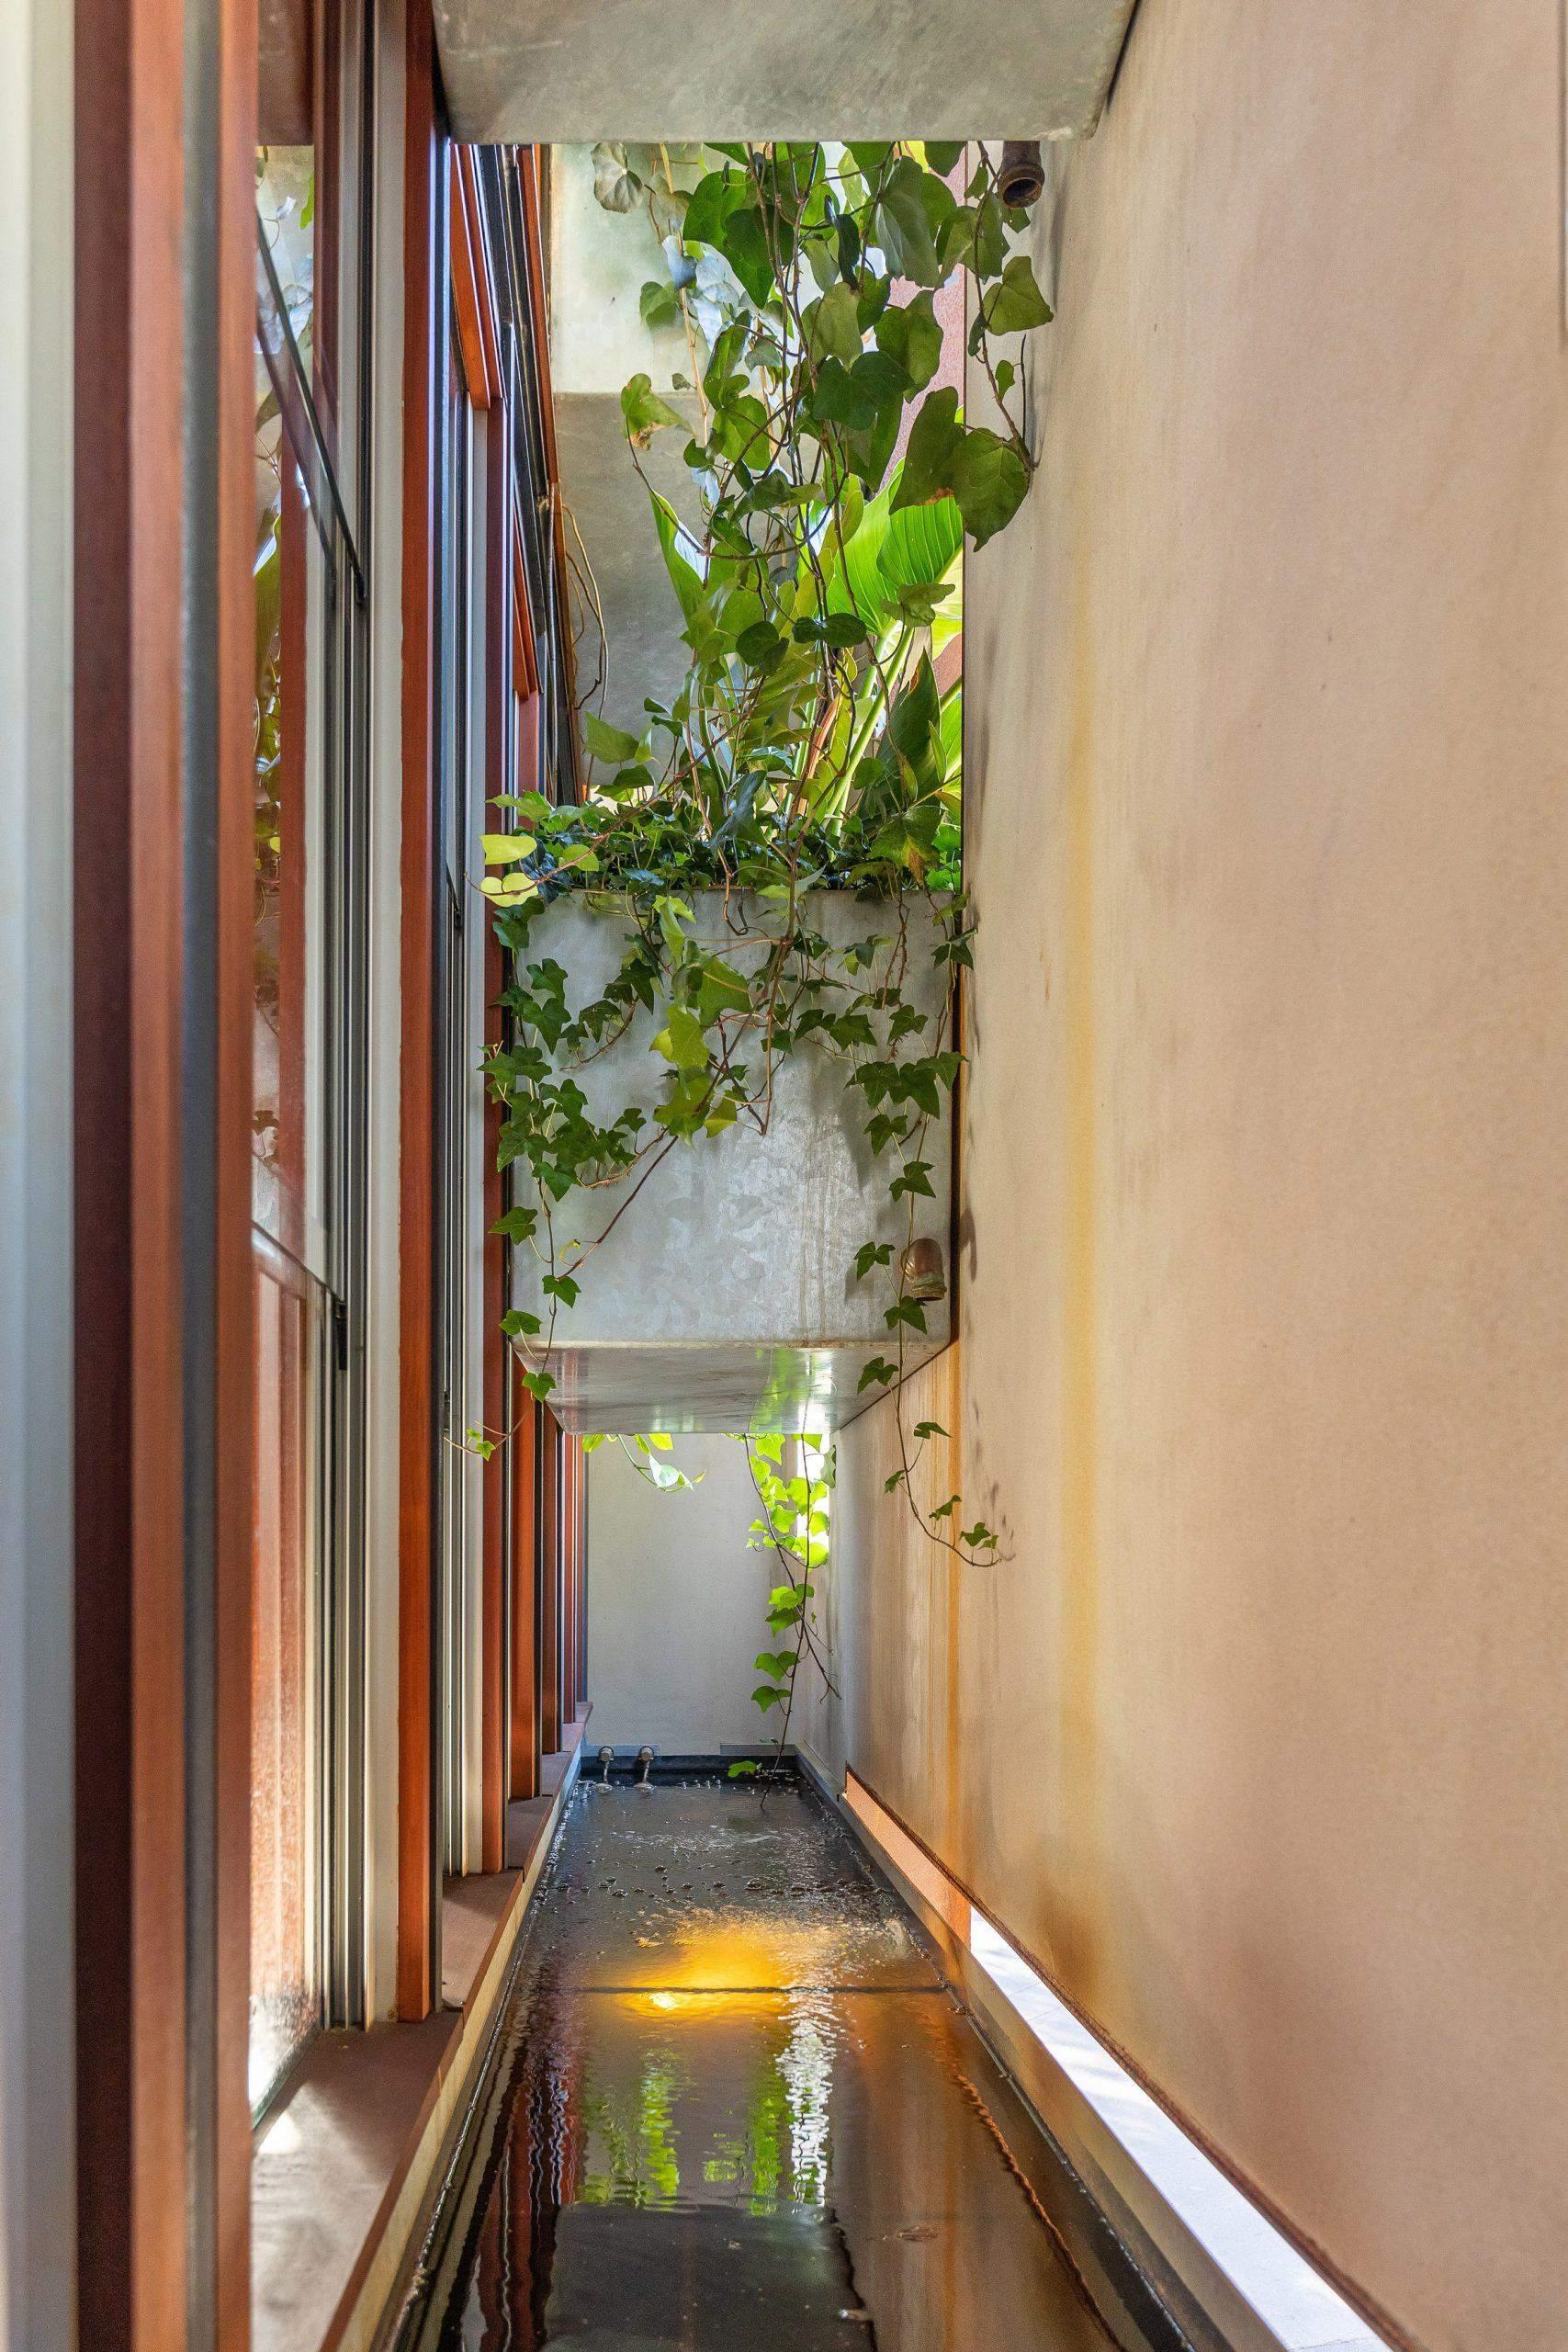 Зі стелі нависають кущові вазони / Фото Deezen